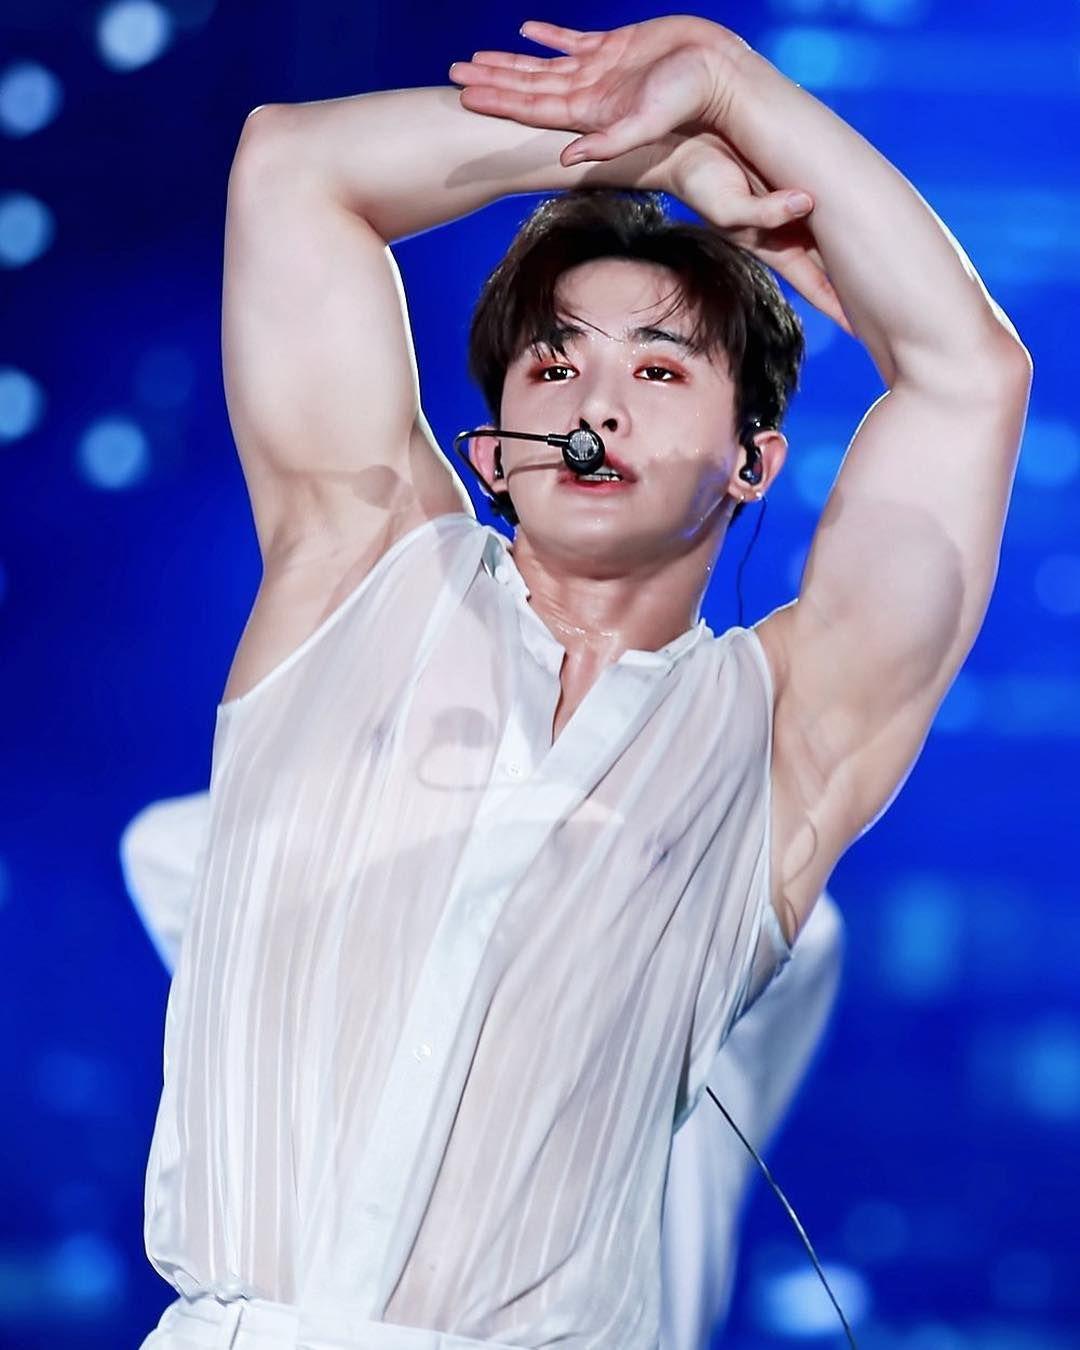 His Armpits Are Brighter Than My Future Corpos De Homens Rapazes Bonitos Garotos Sensuais